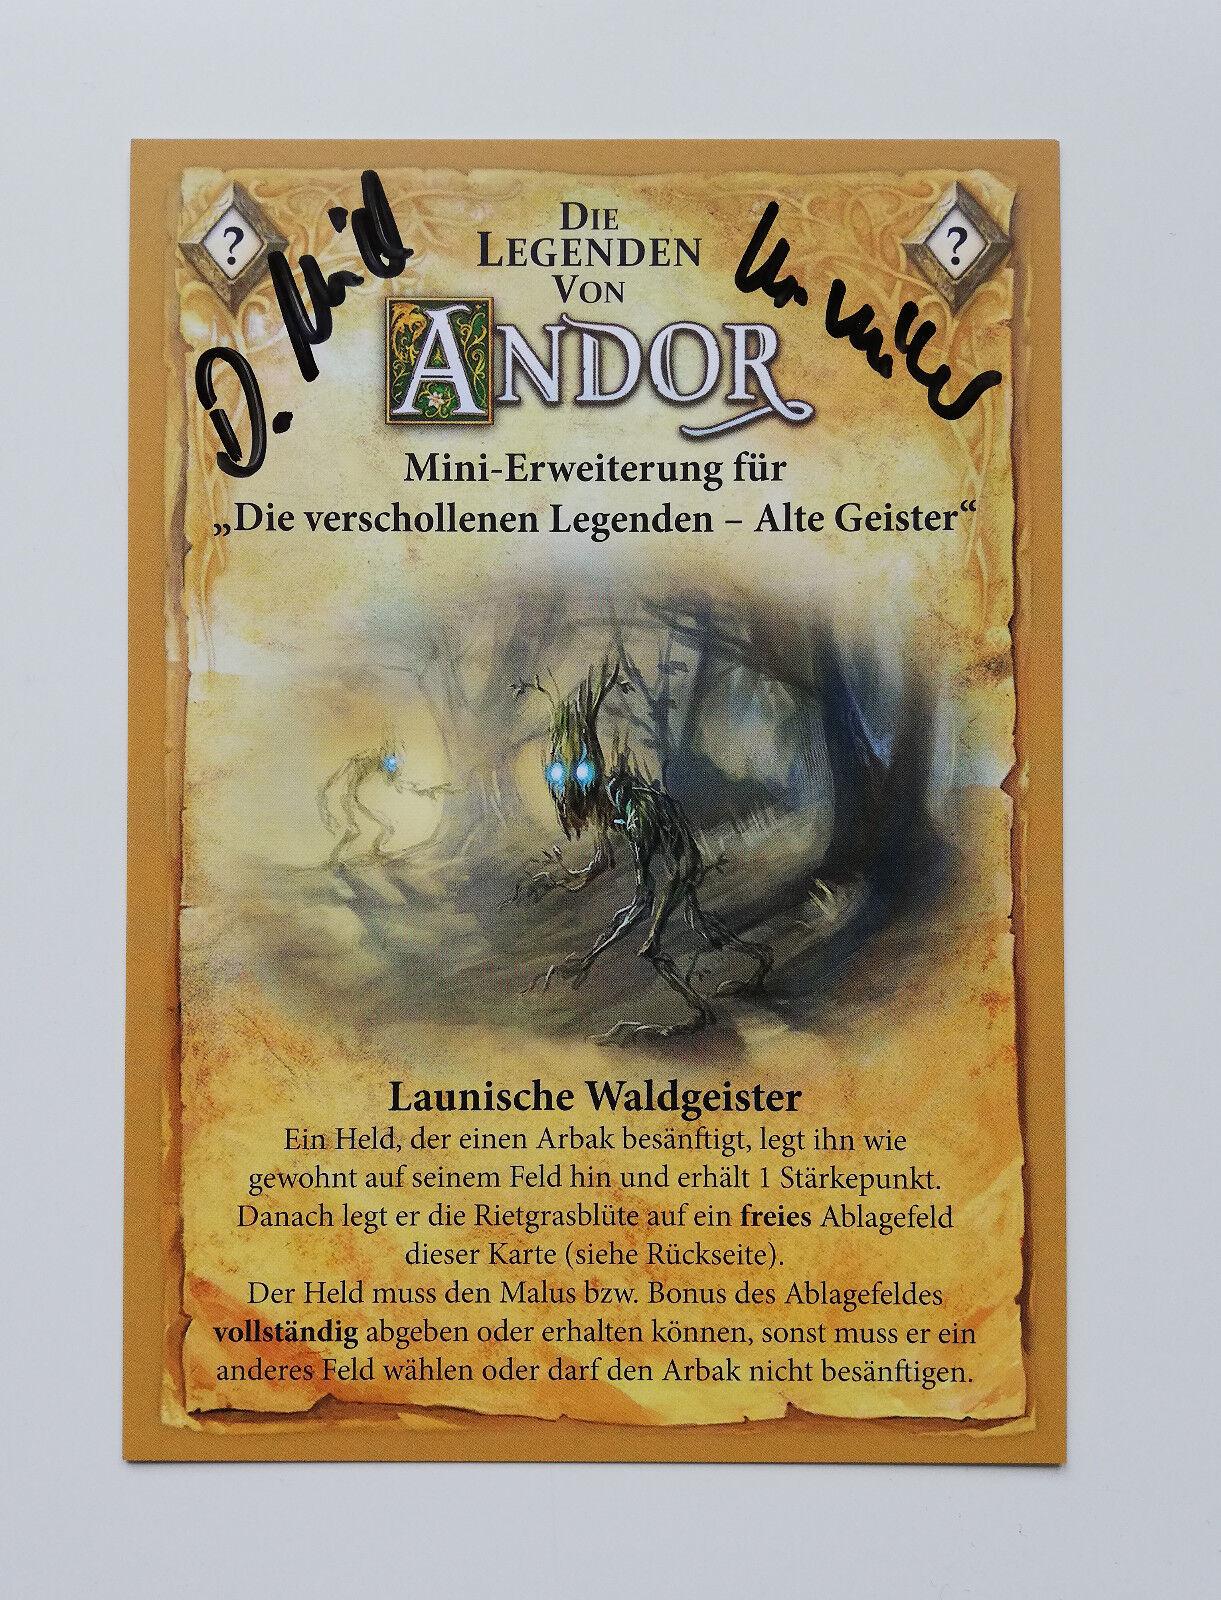 ●•• Die Legenden von Andor ••● PROMO ✩ Launische Waldgeister ✩ NEU  ESSEN 2018